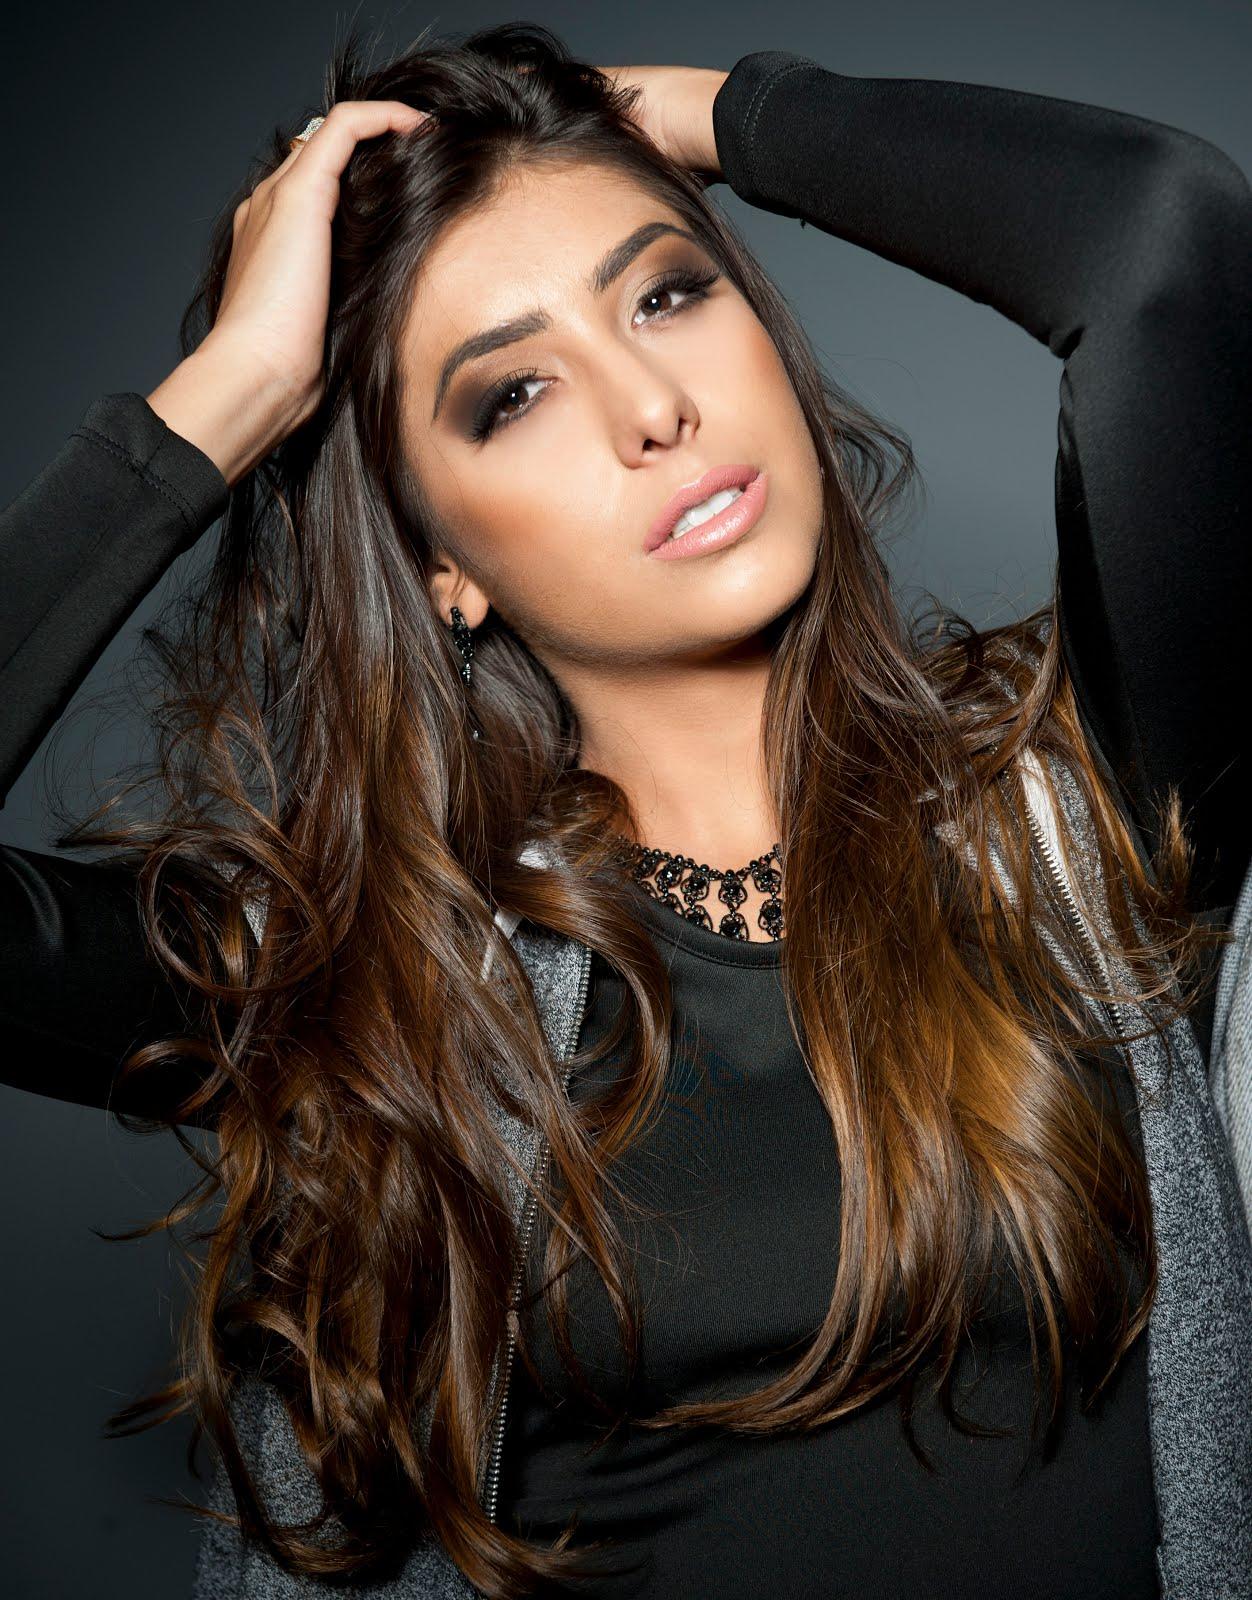 Rosane Cardoso chegou a desistir de um casamento para investir na carreira de modelo